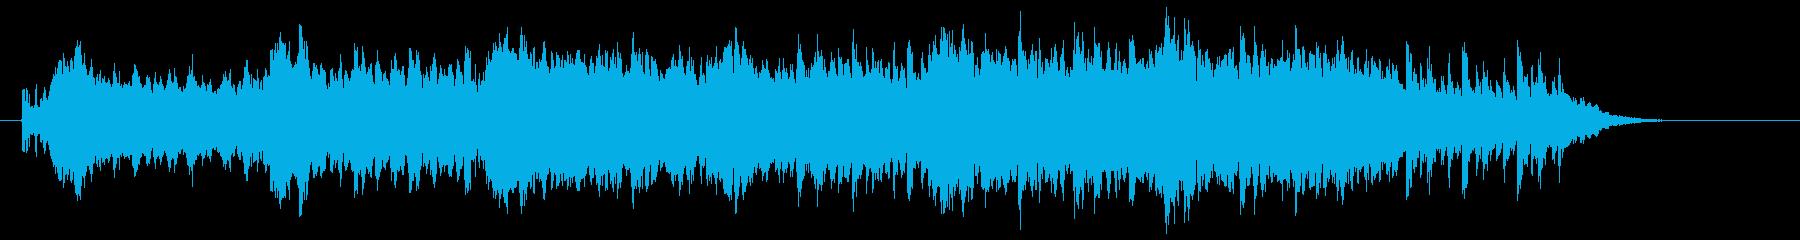 神秘的で幻想的なスピリチュアルジングルの再生済みの波形